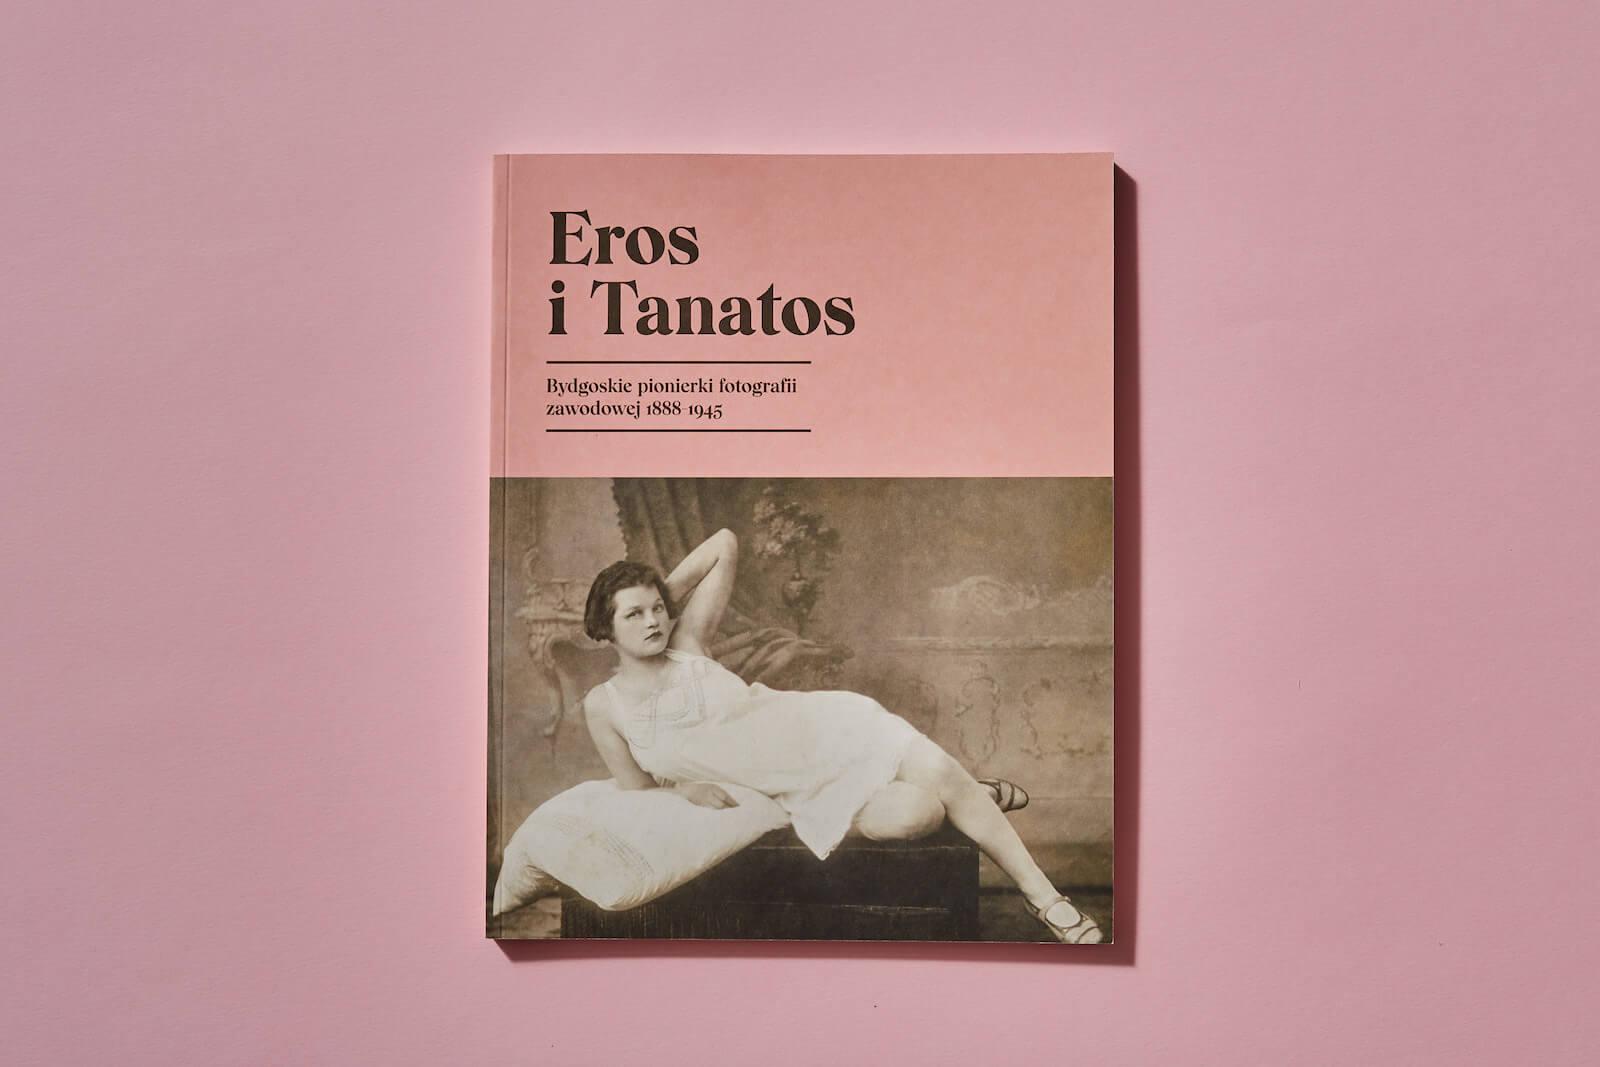 Eros i Tanatos